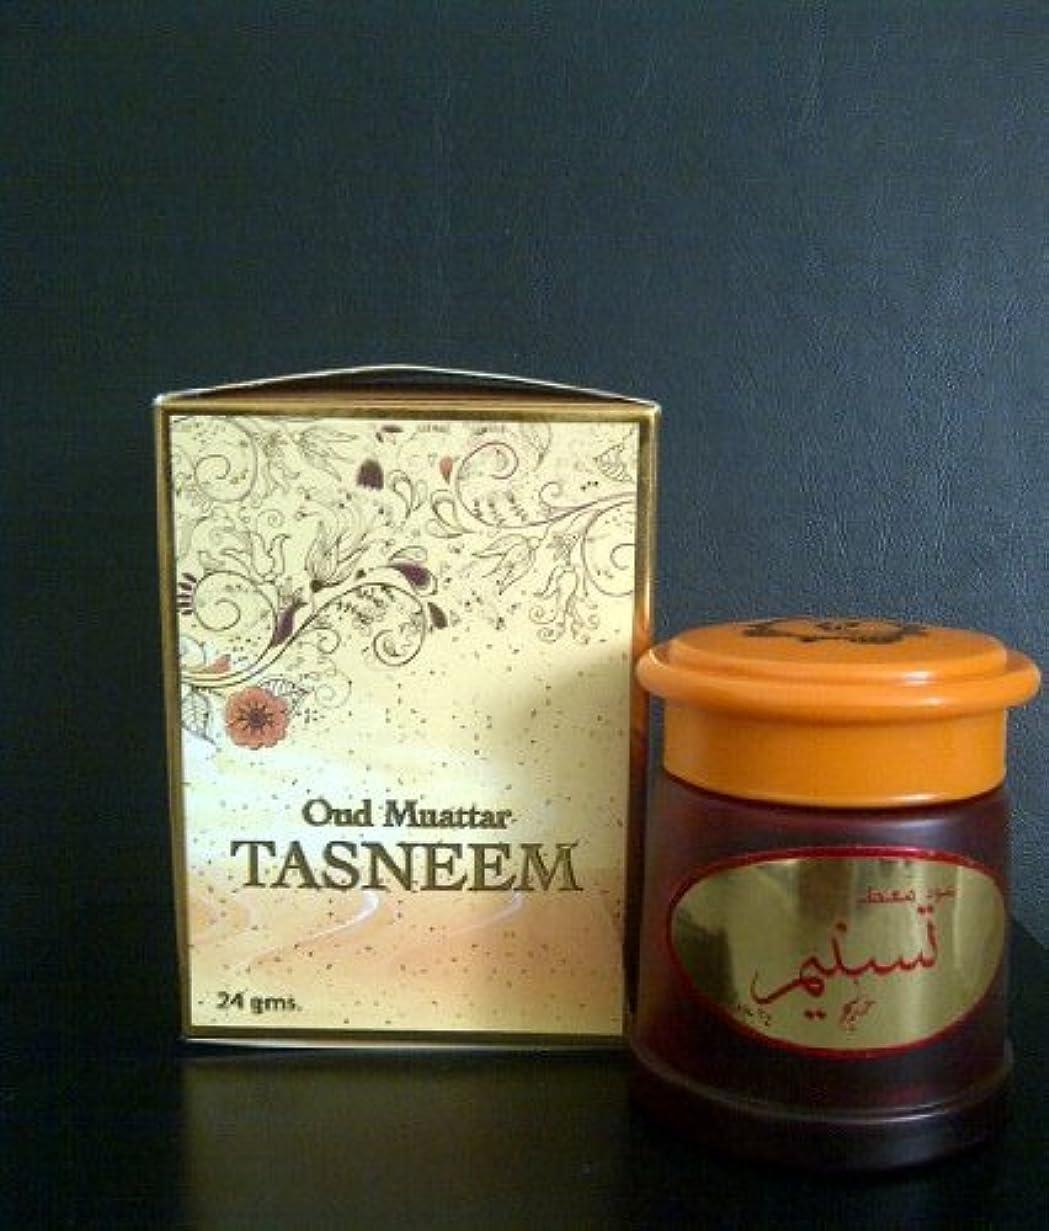 露出度の高い嫌がらせ倫理的Oud Muattar Tasneem BakhoorムスクAmber Fragrance Burner Khadlaj AIR FRESHNER 24 g